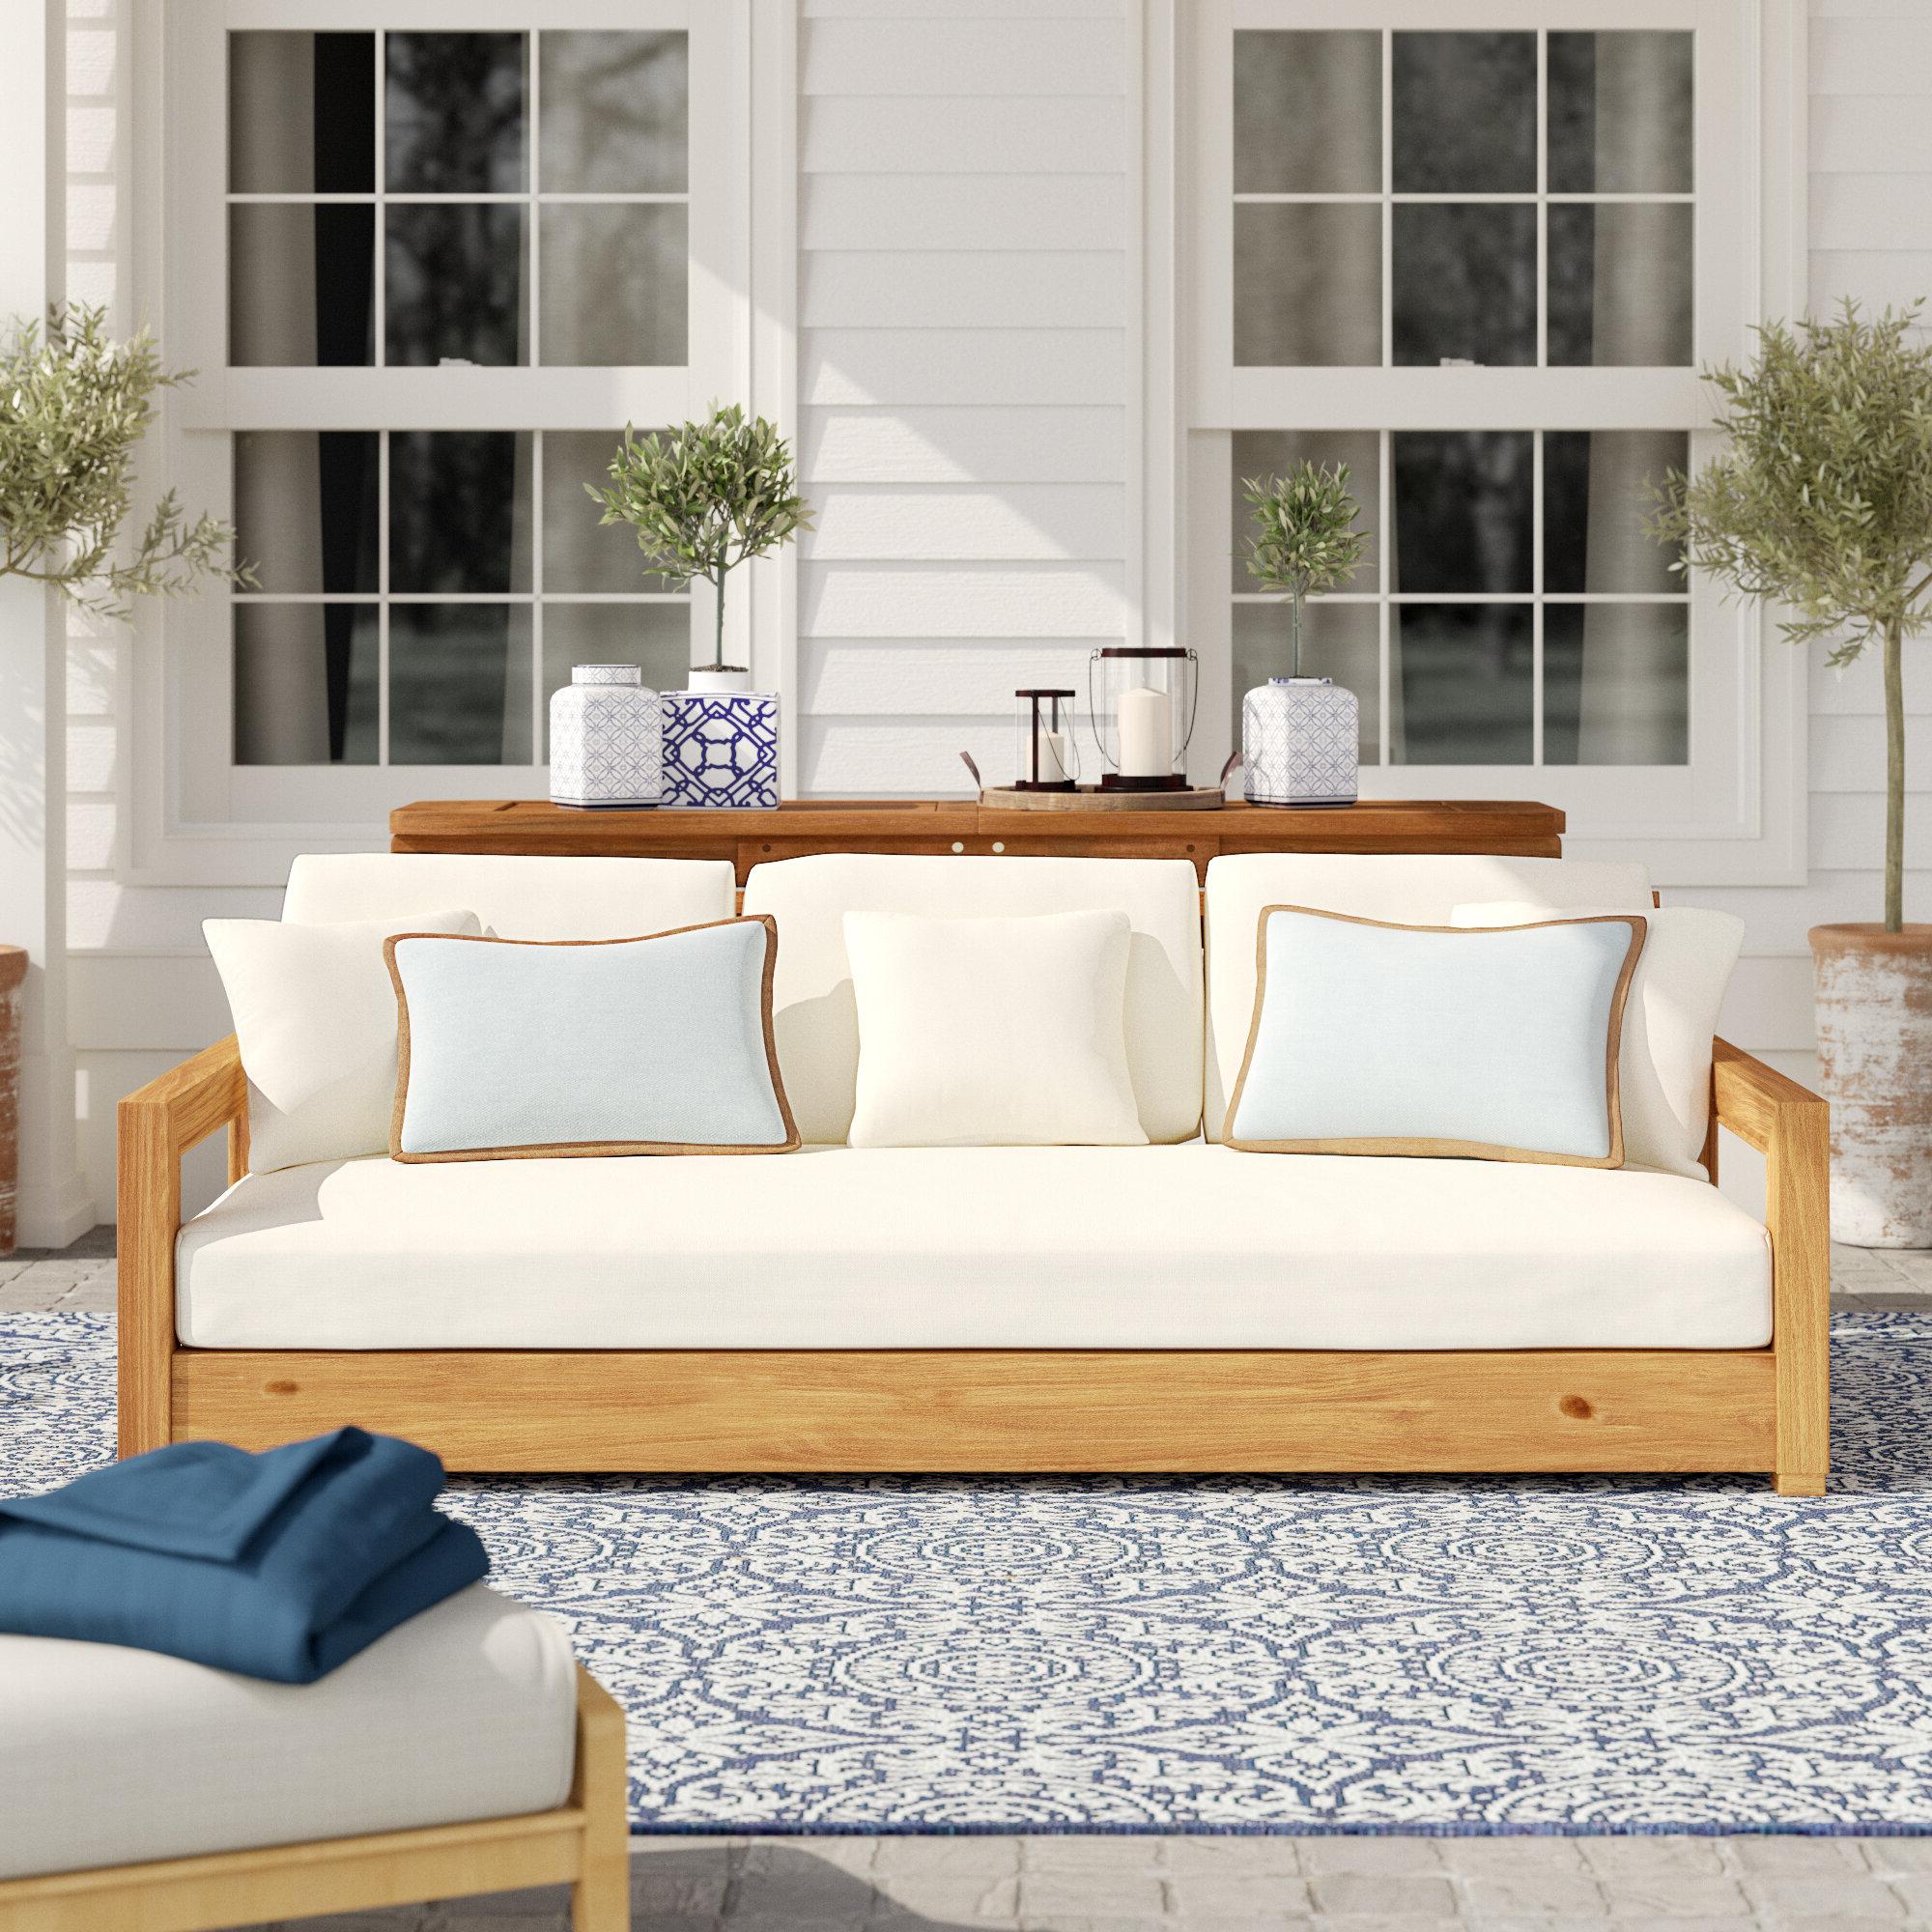 Farmhouse & Rustic Teak Outdoor Sofas (View 9 of 20)